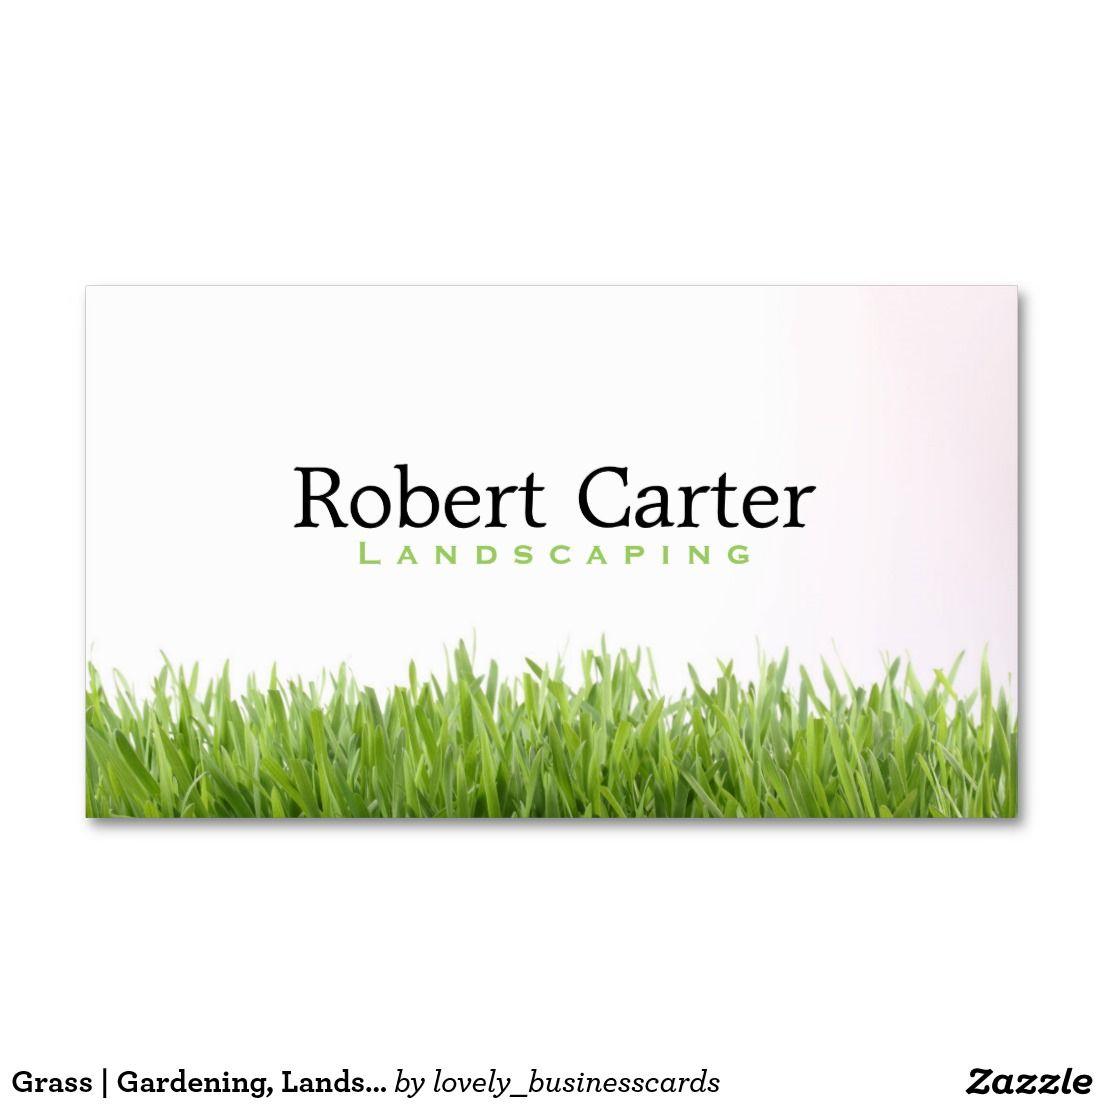 Grass Gardening, Landscaping Business Card